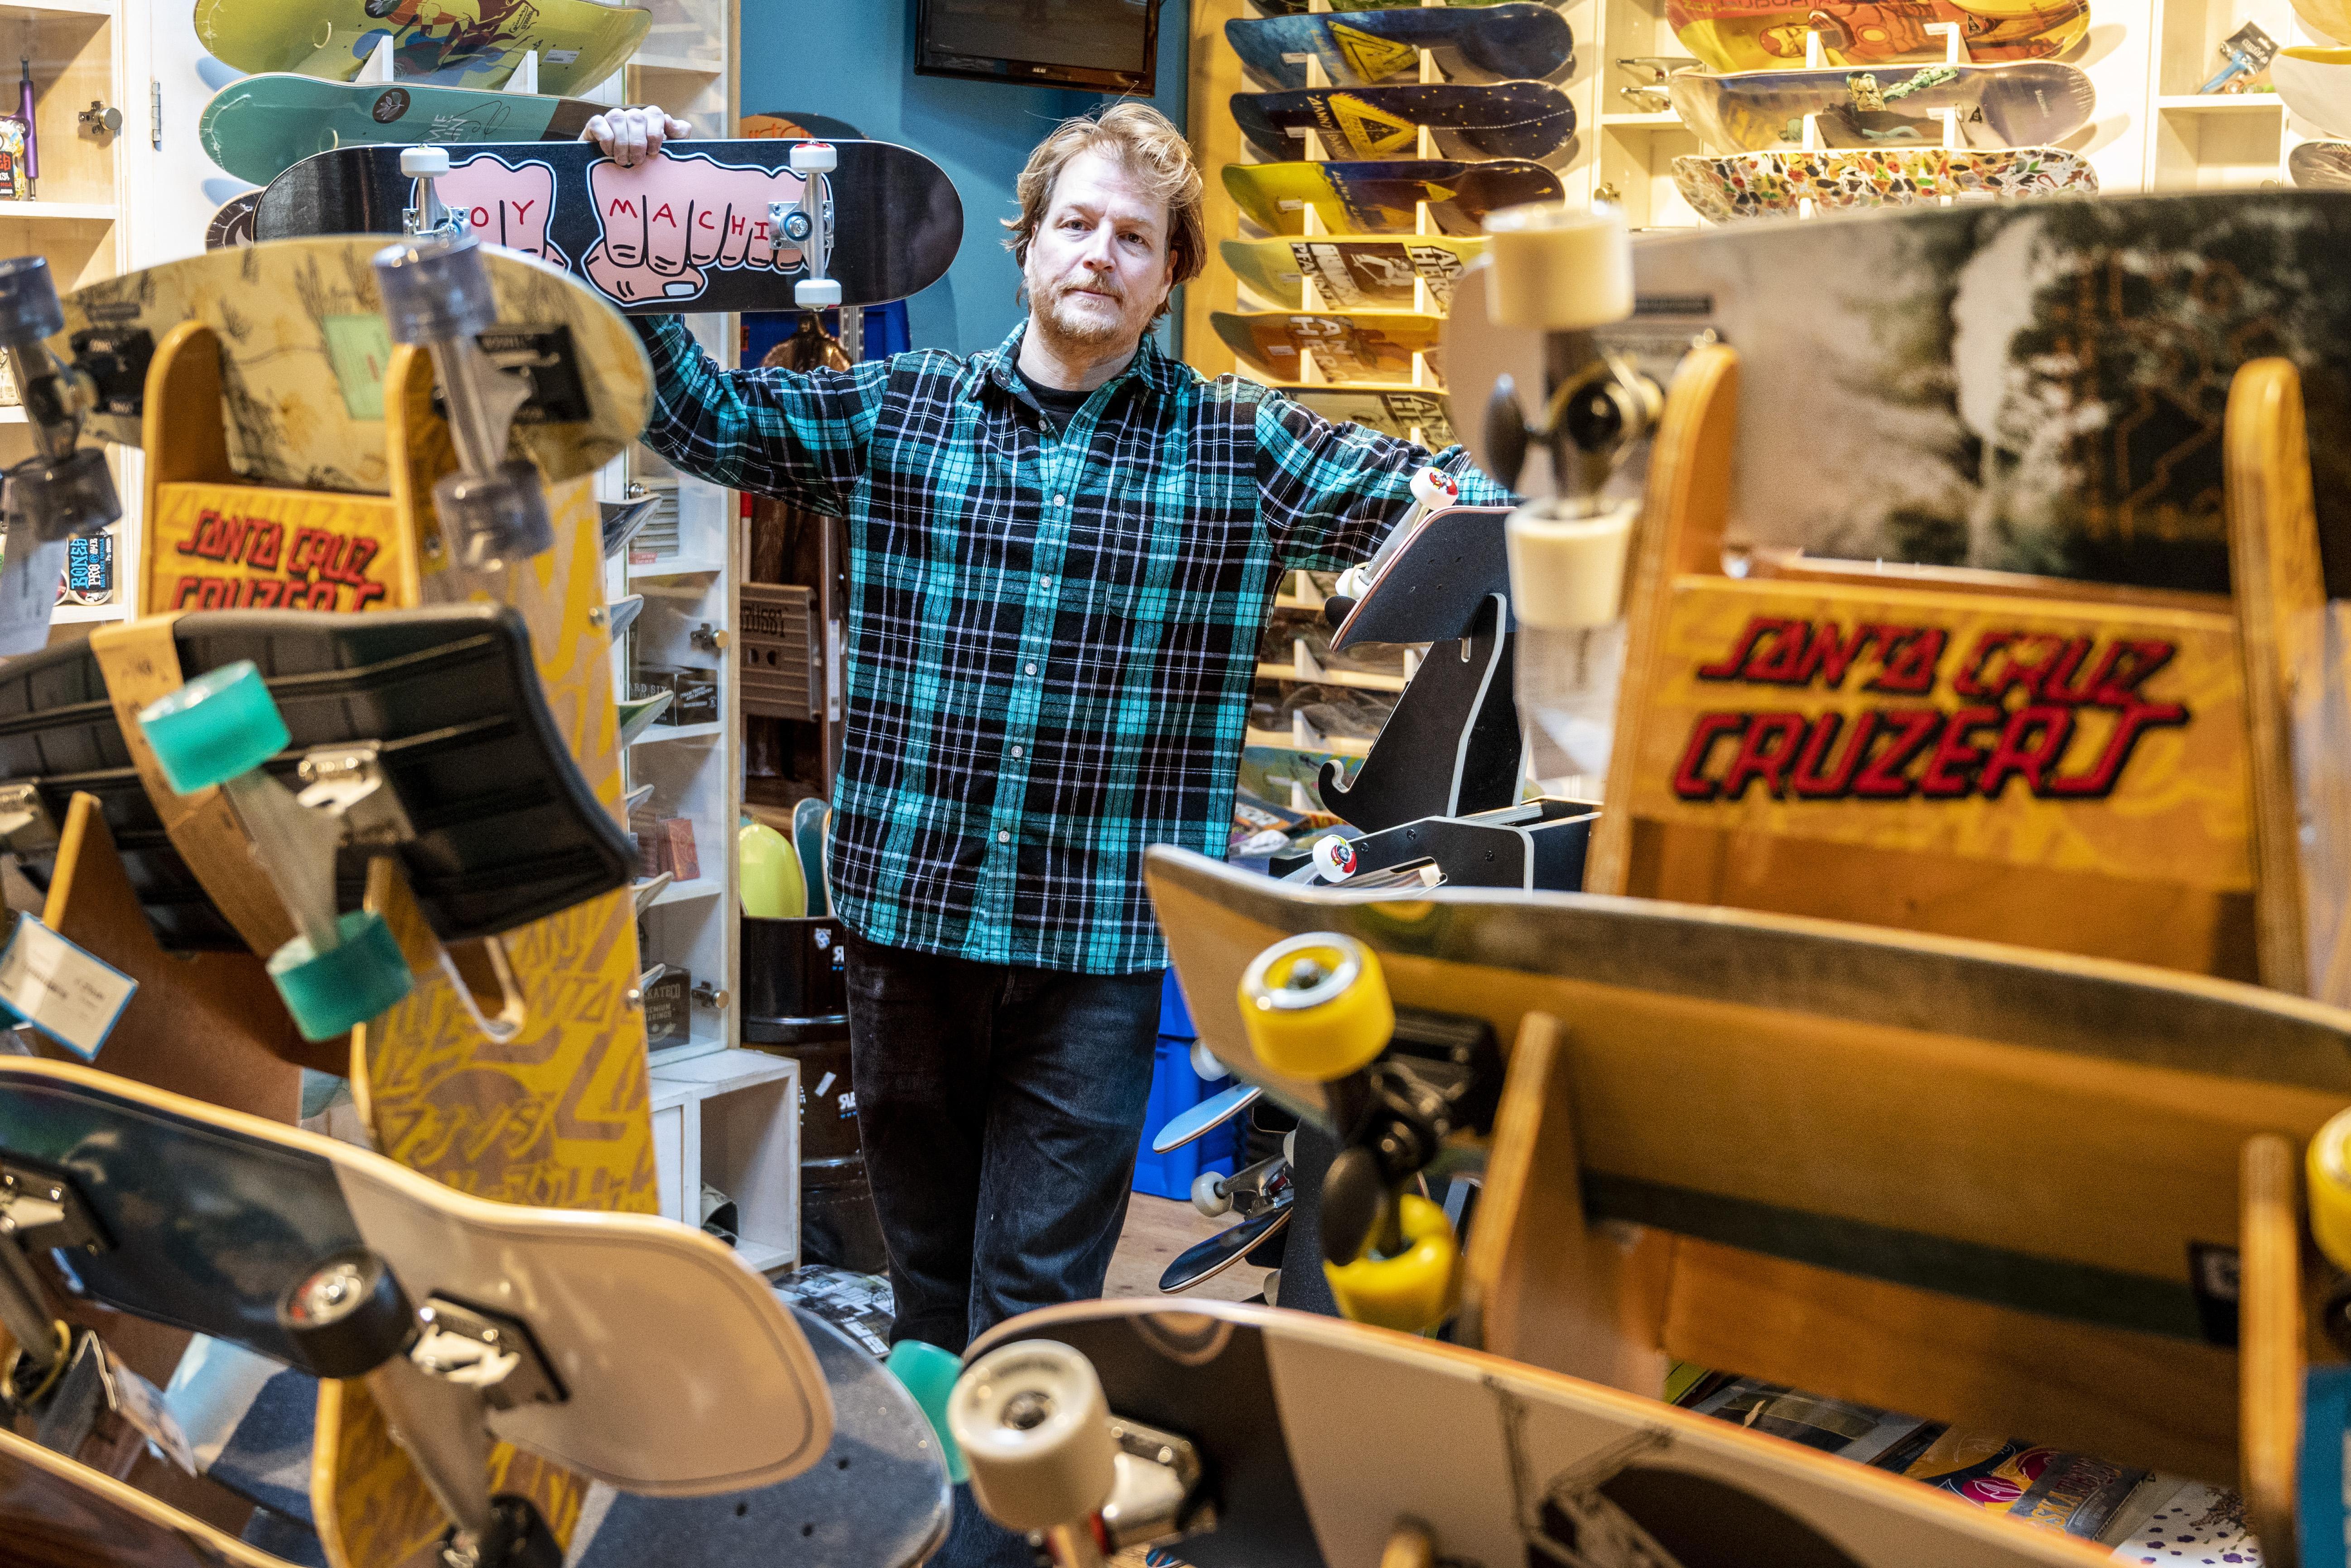 Jeroen Blankevoort van skateshop Revert 95 gooit zijn winkel open. 'Ik ben op een punt beland dat ik het risico van een boete neem'